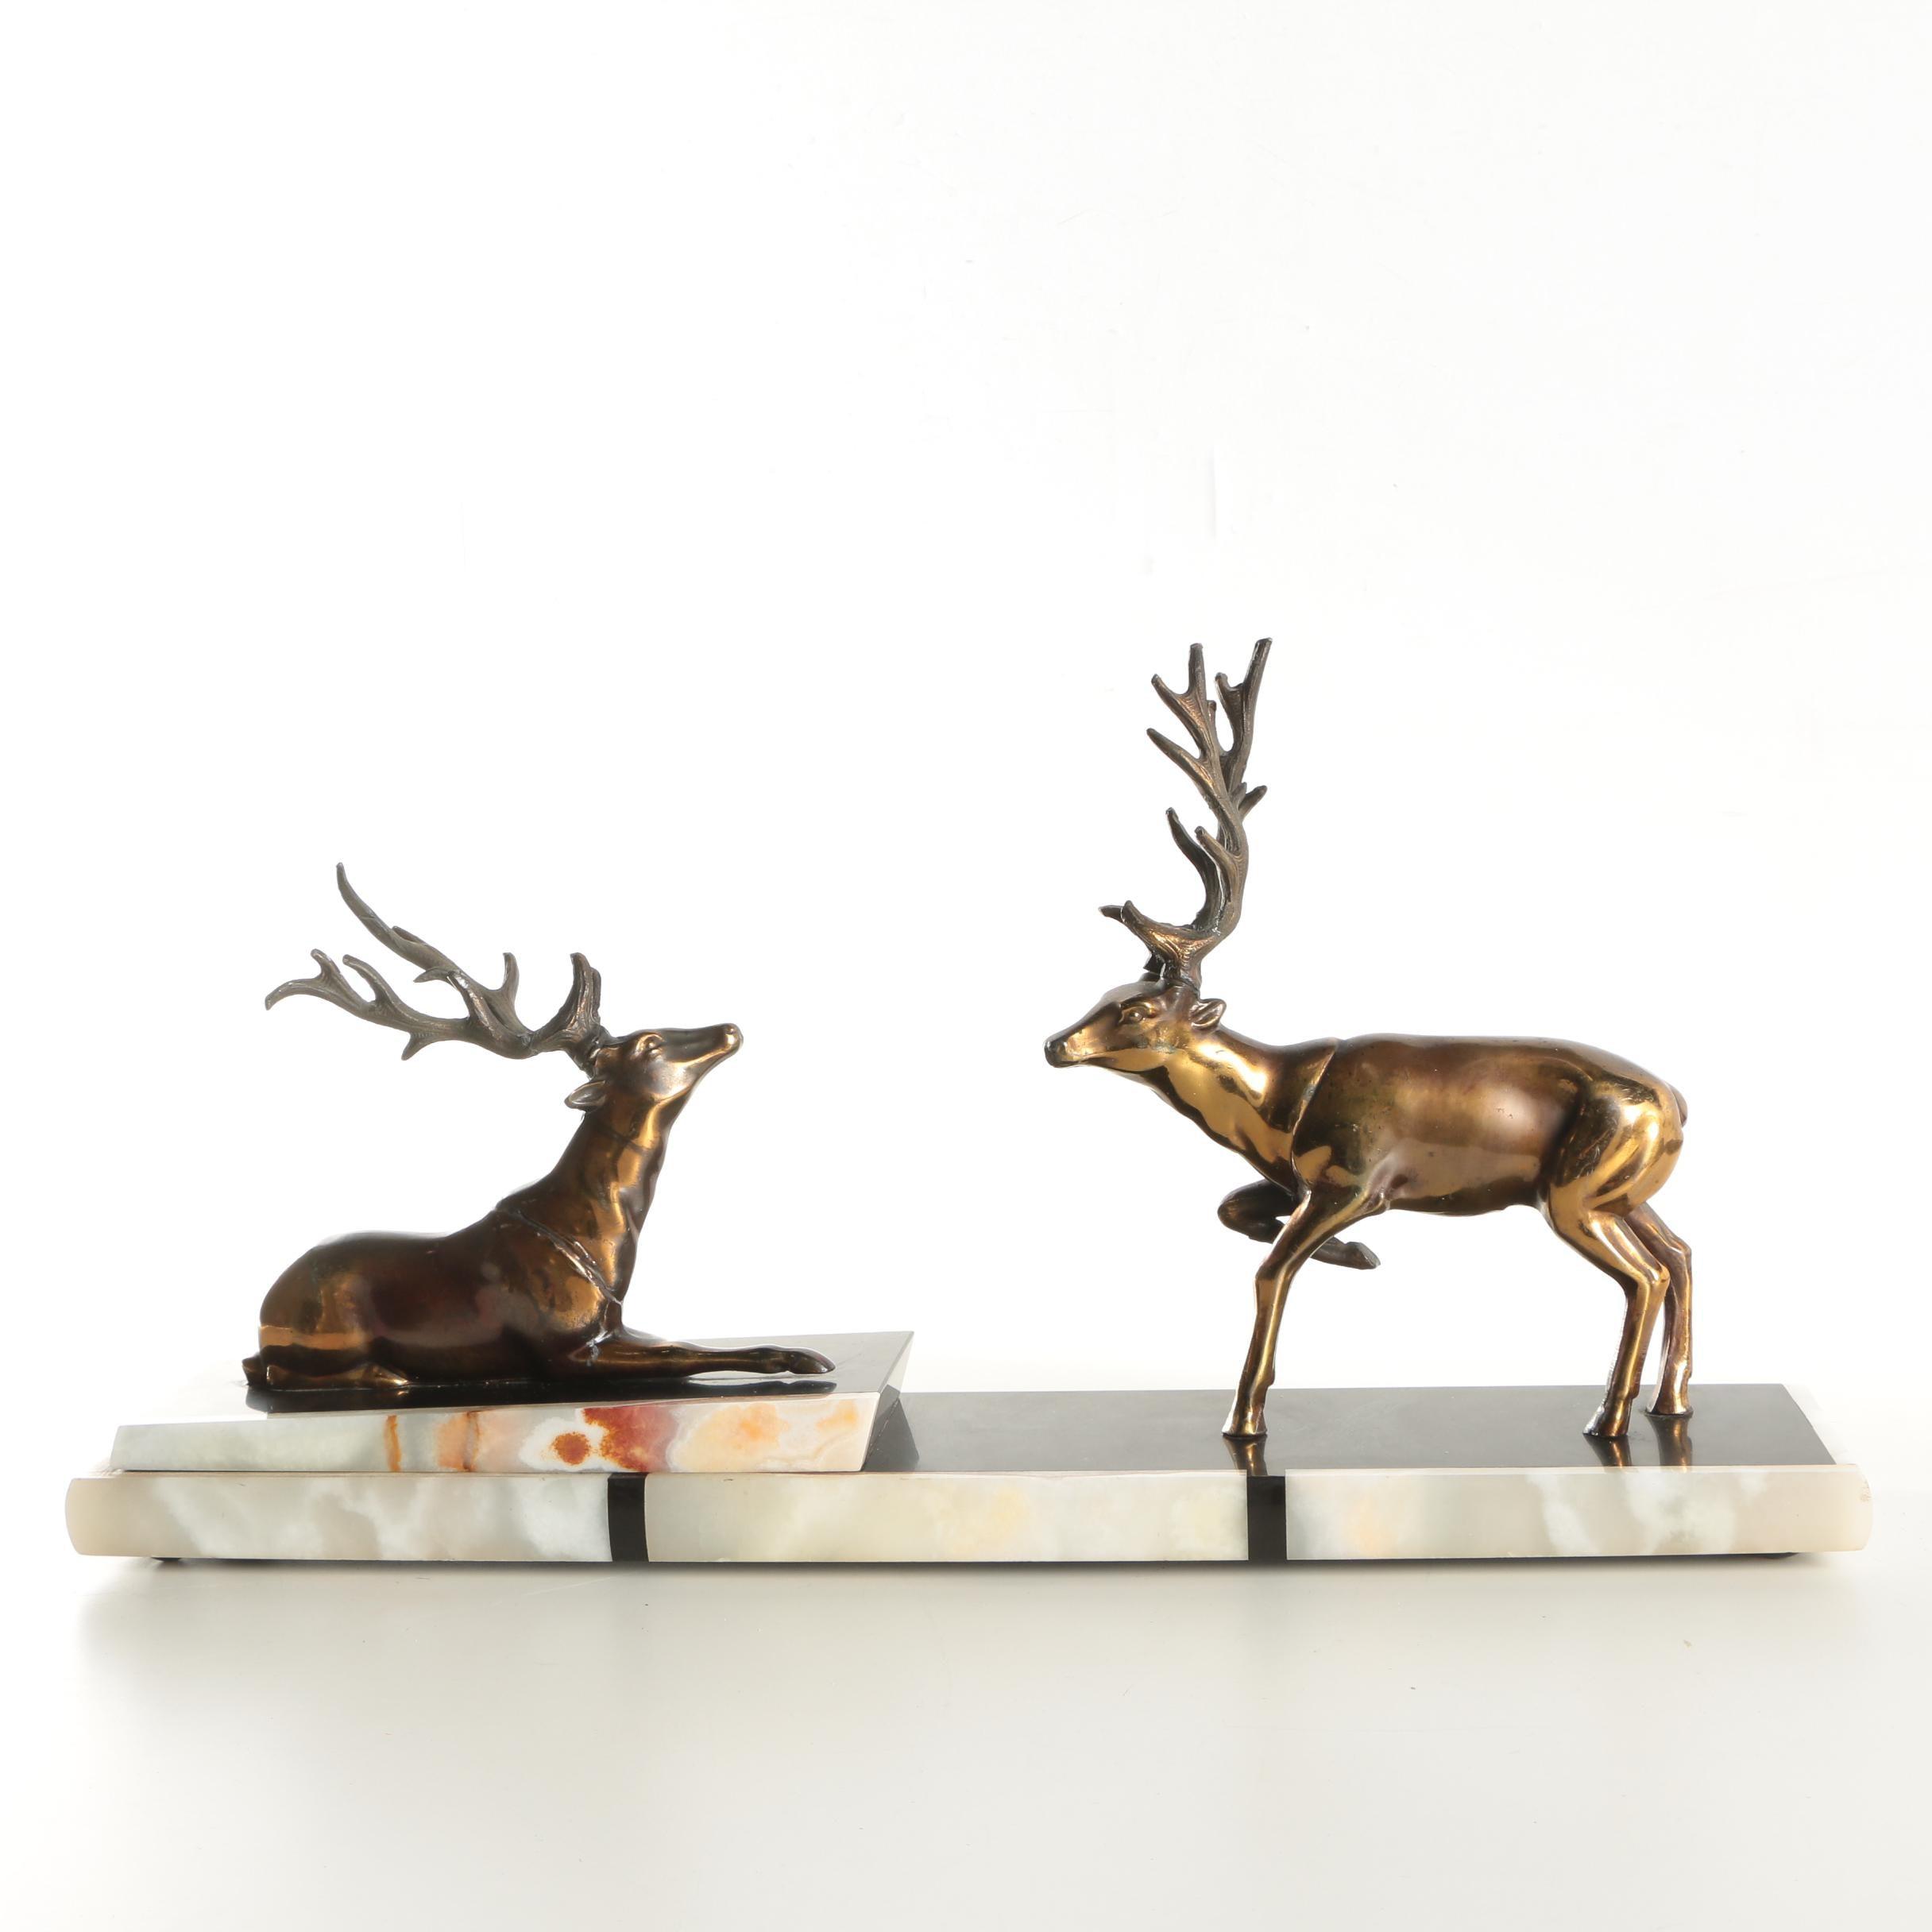 Brass Sculpture of Reindeer